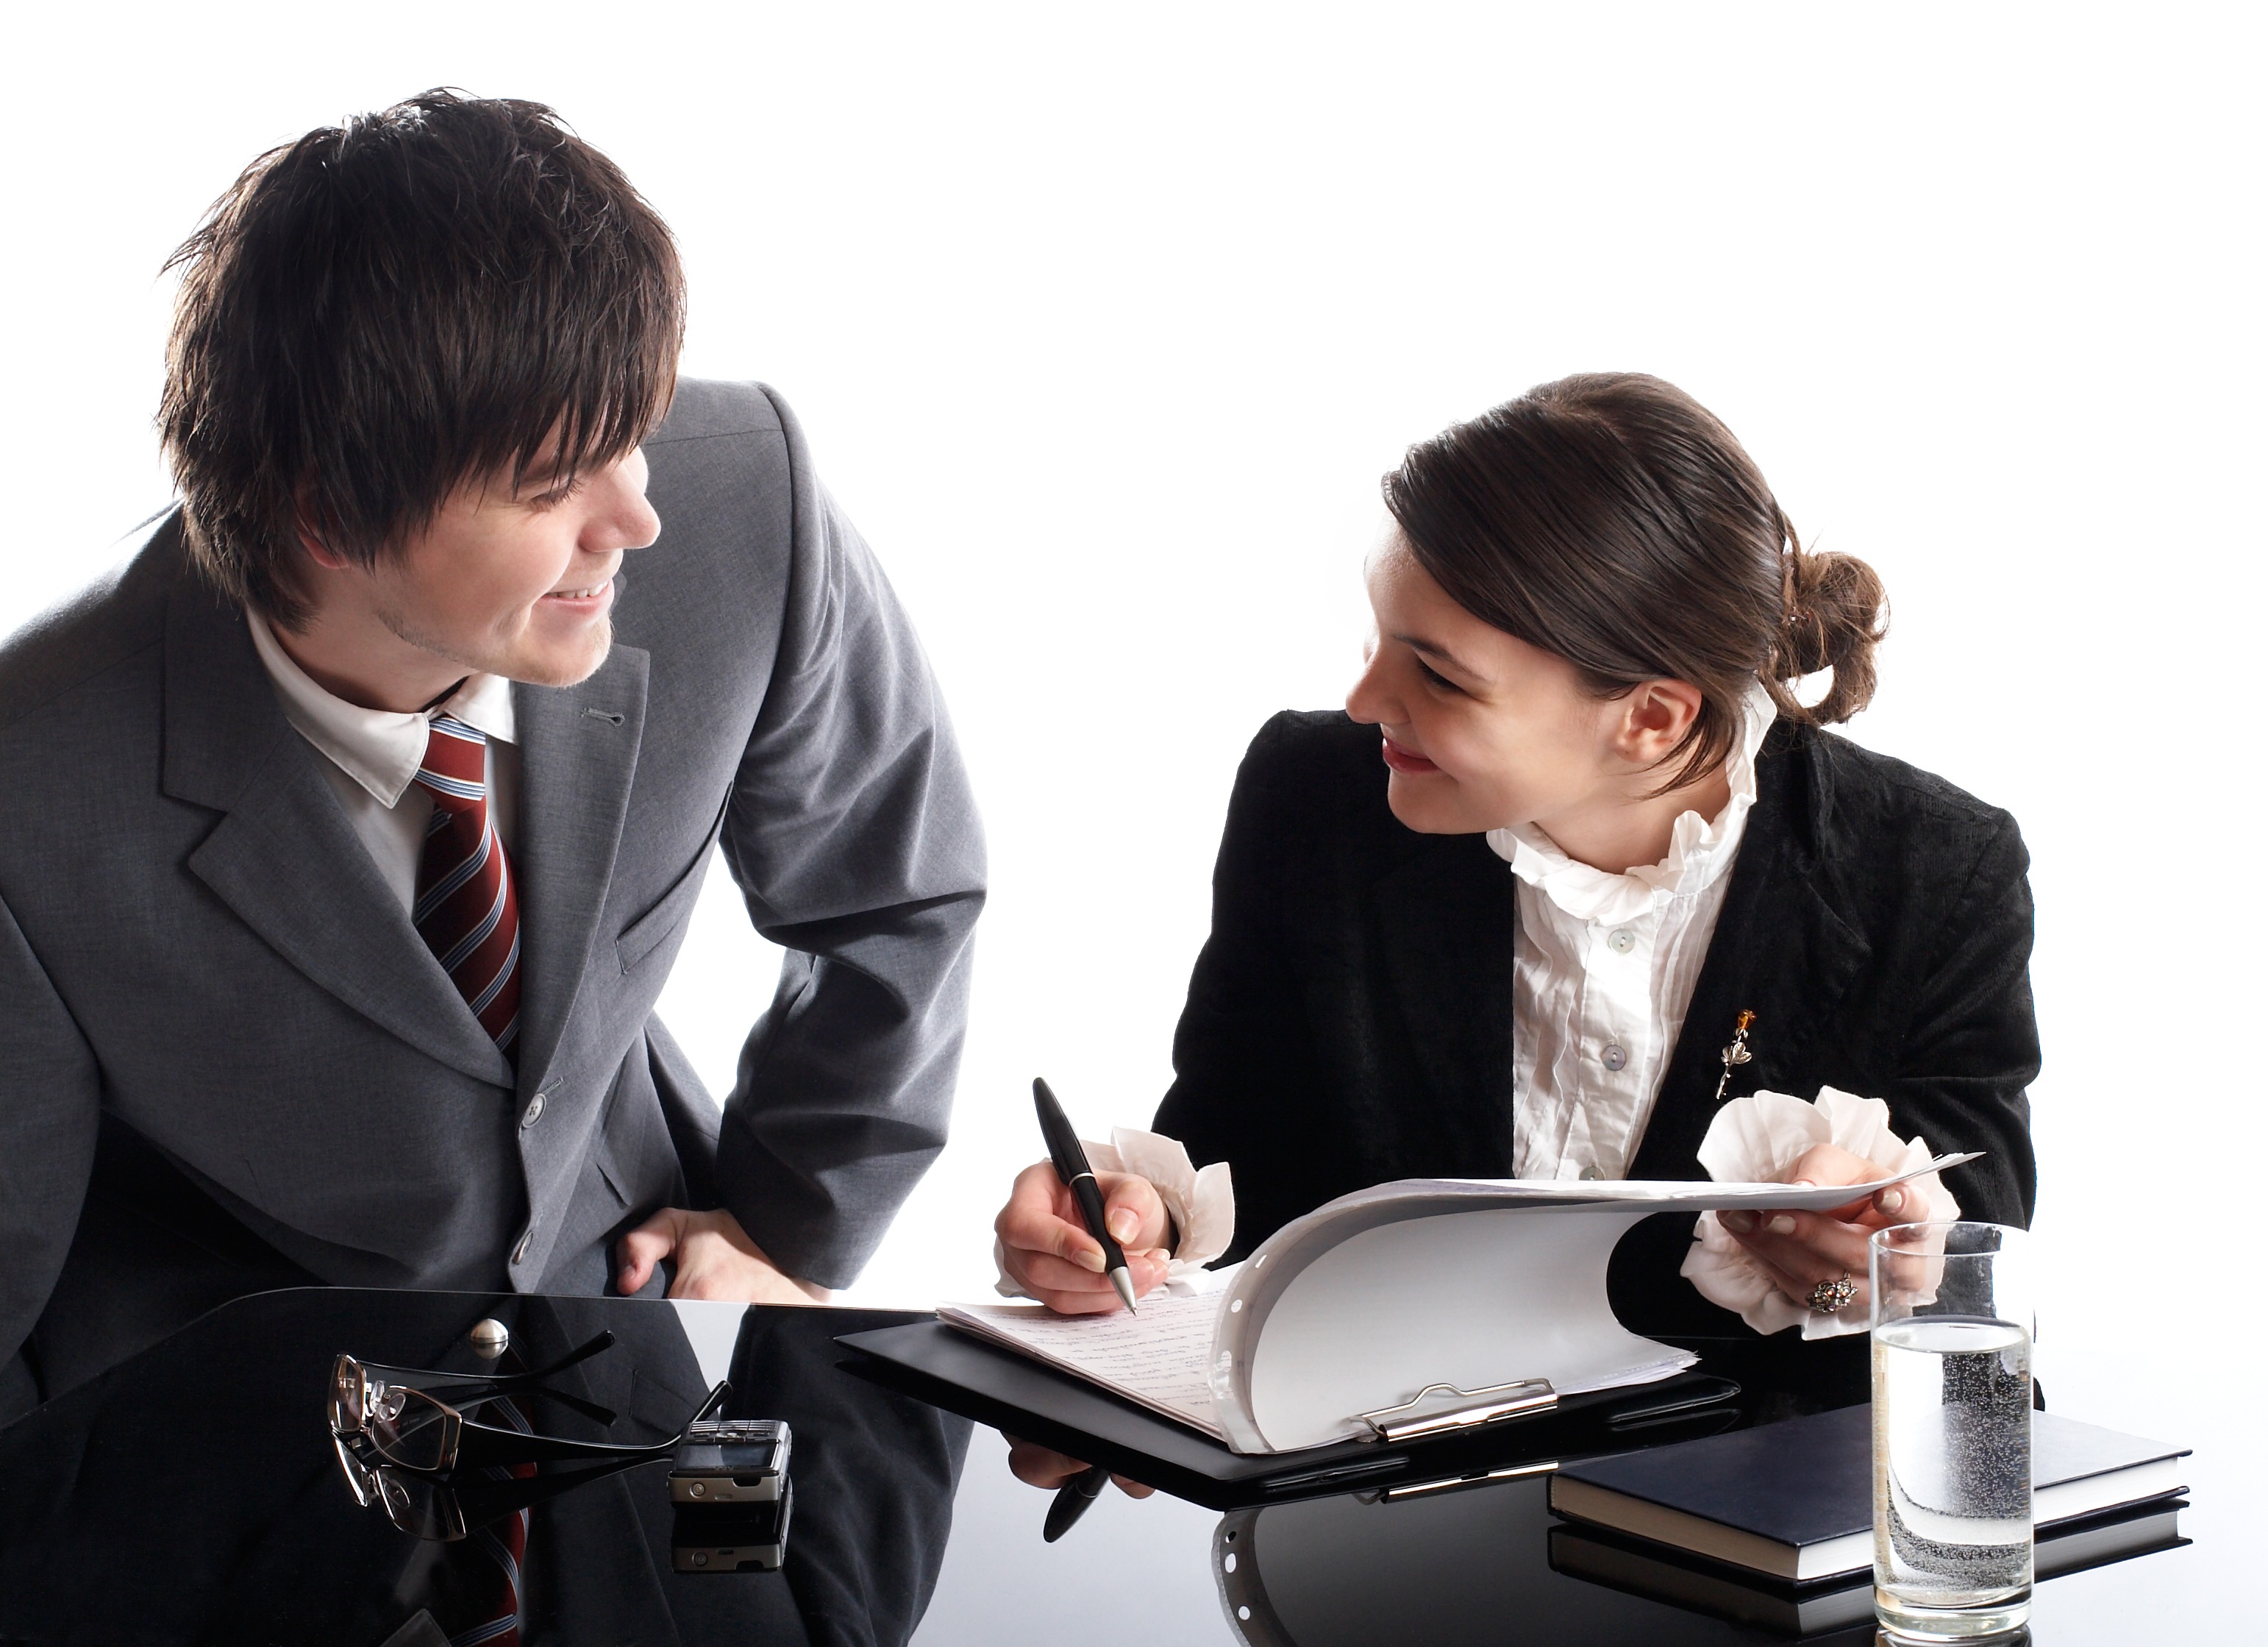 Consejos laborales para graduados: mentoring